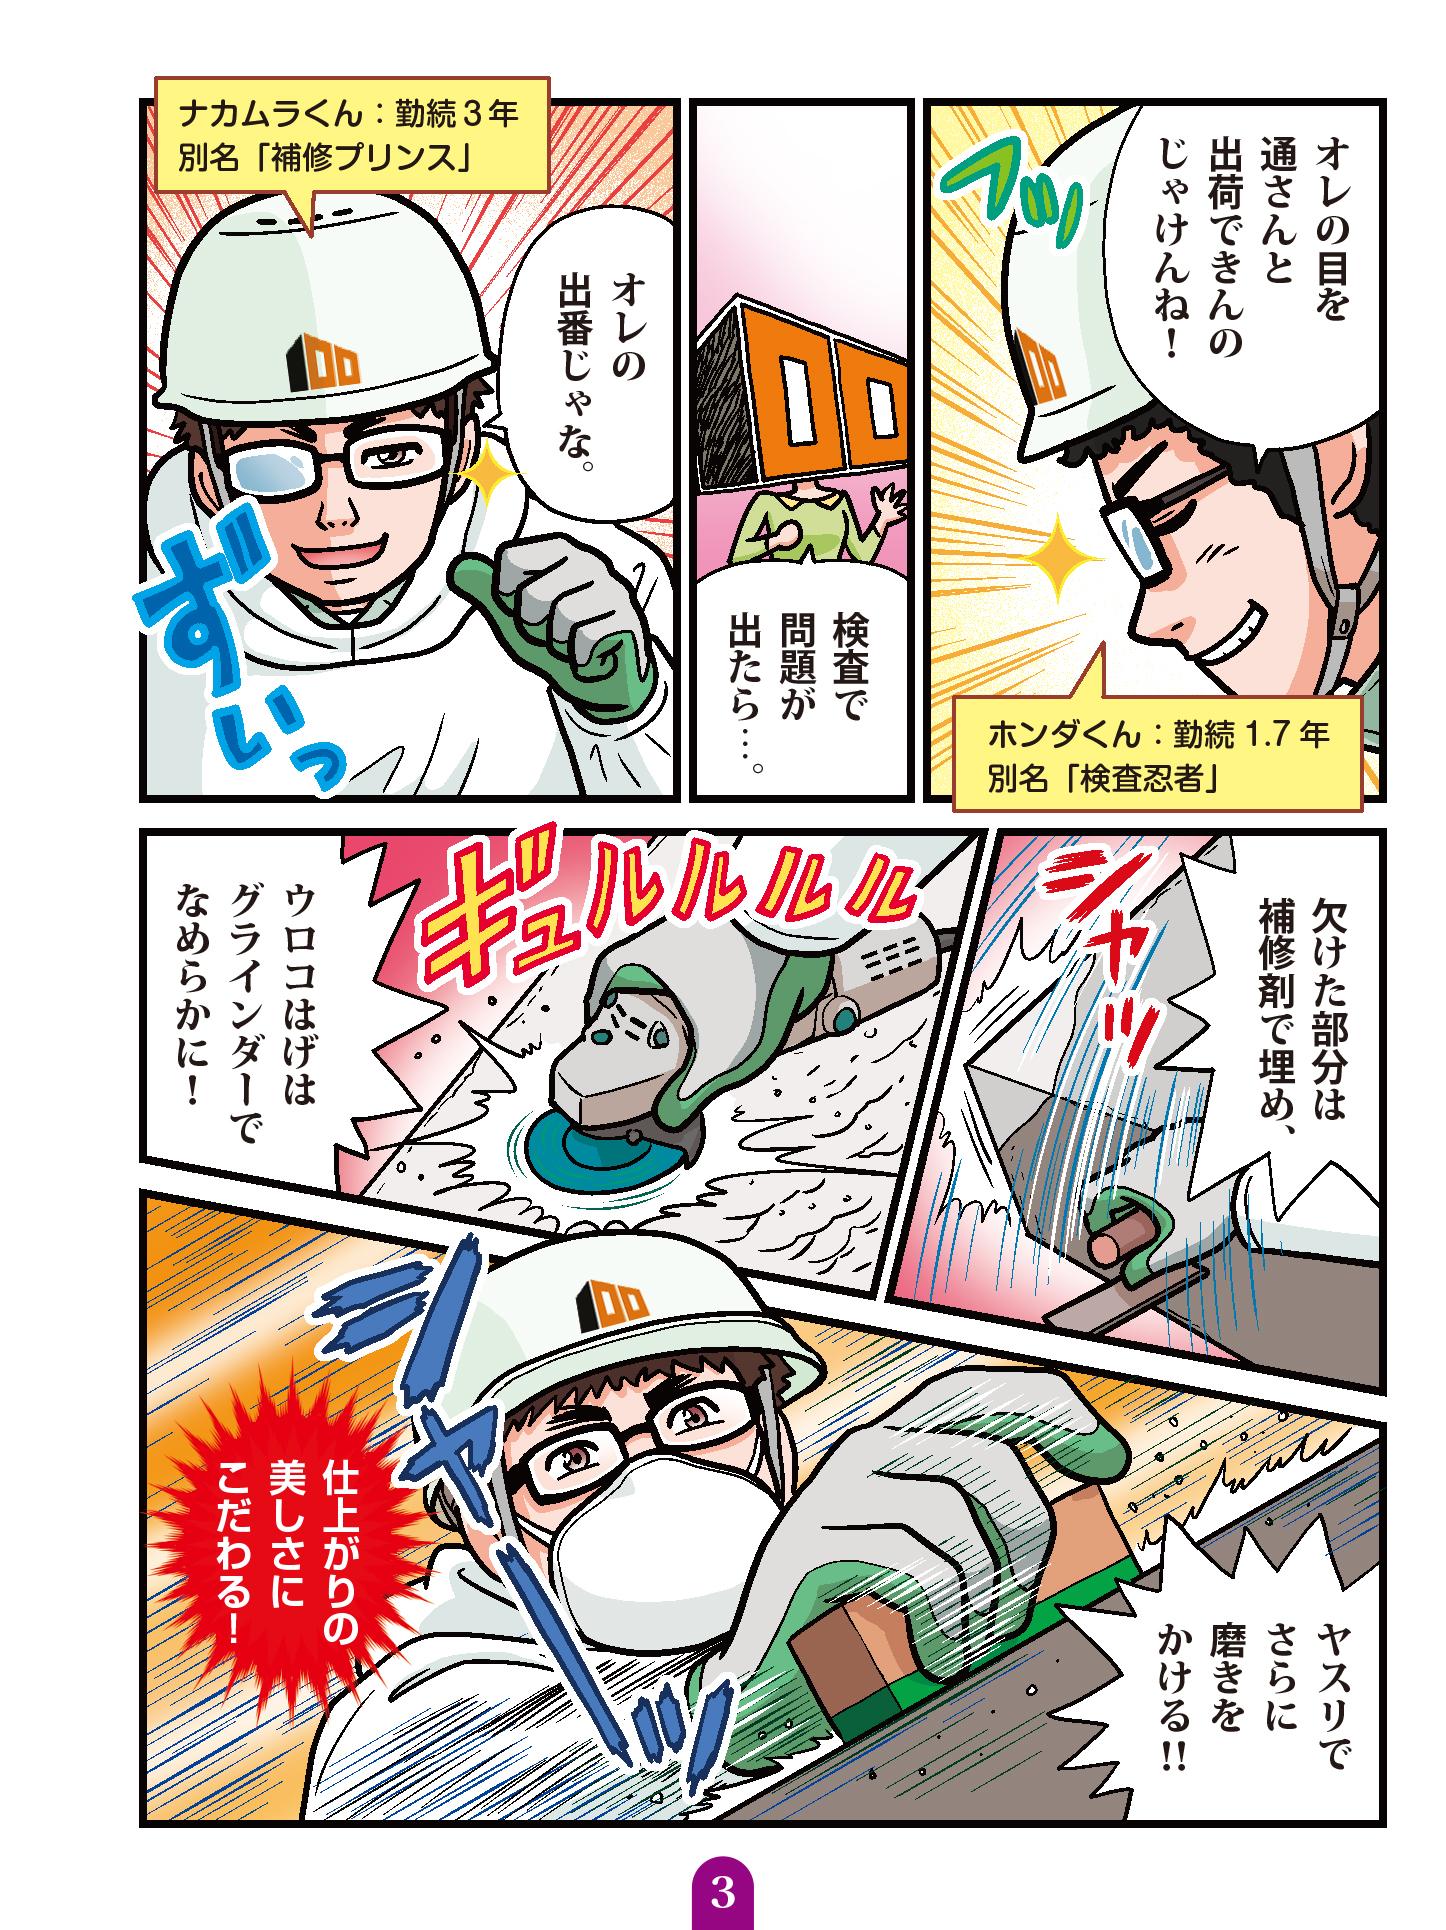 最強職人列伝 最終話 検査職人と補修職人03